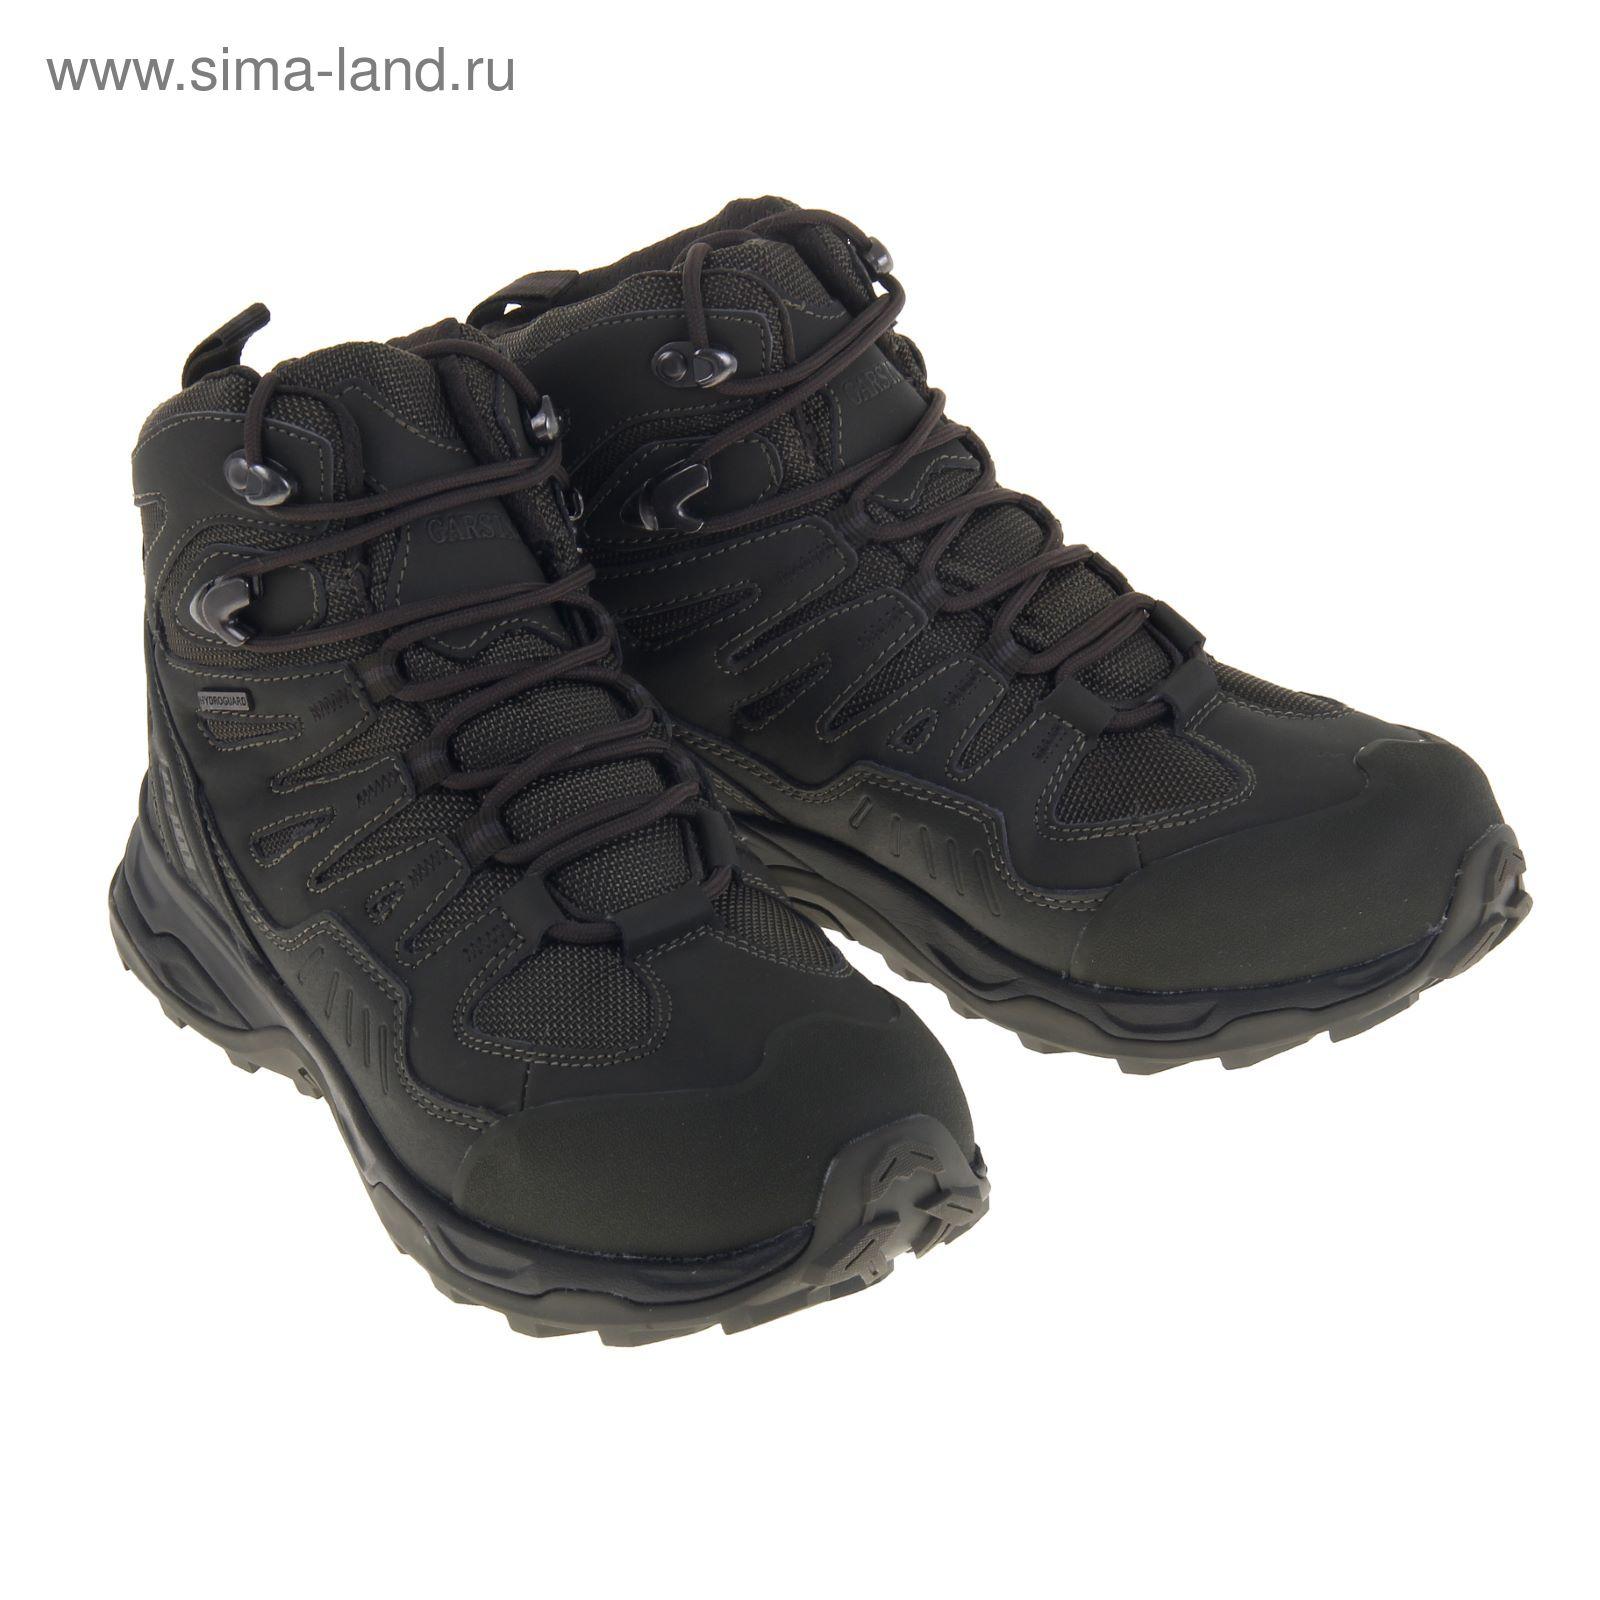 9590b68952d4 Тактические ботинки Garsing